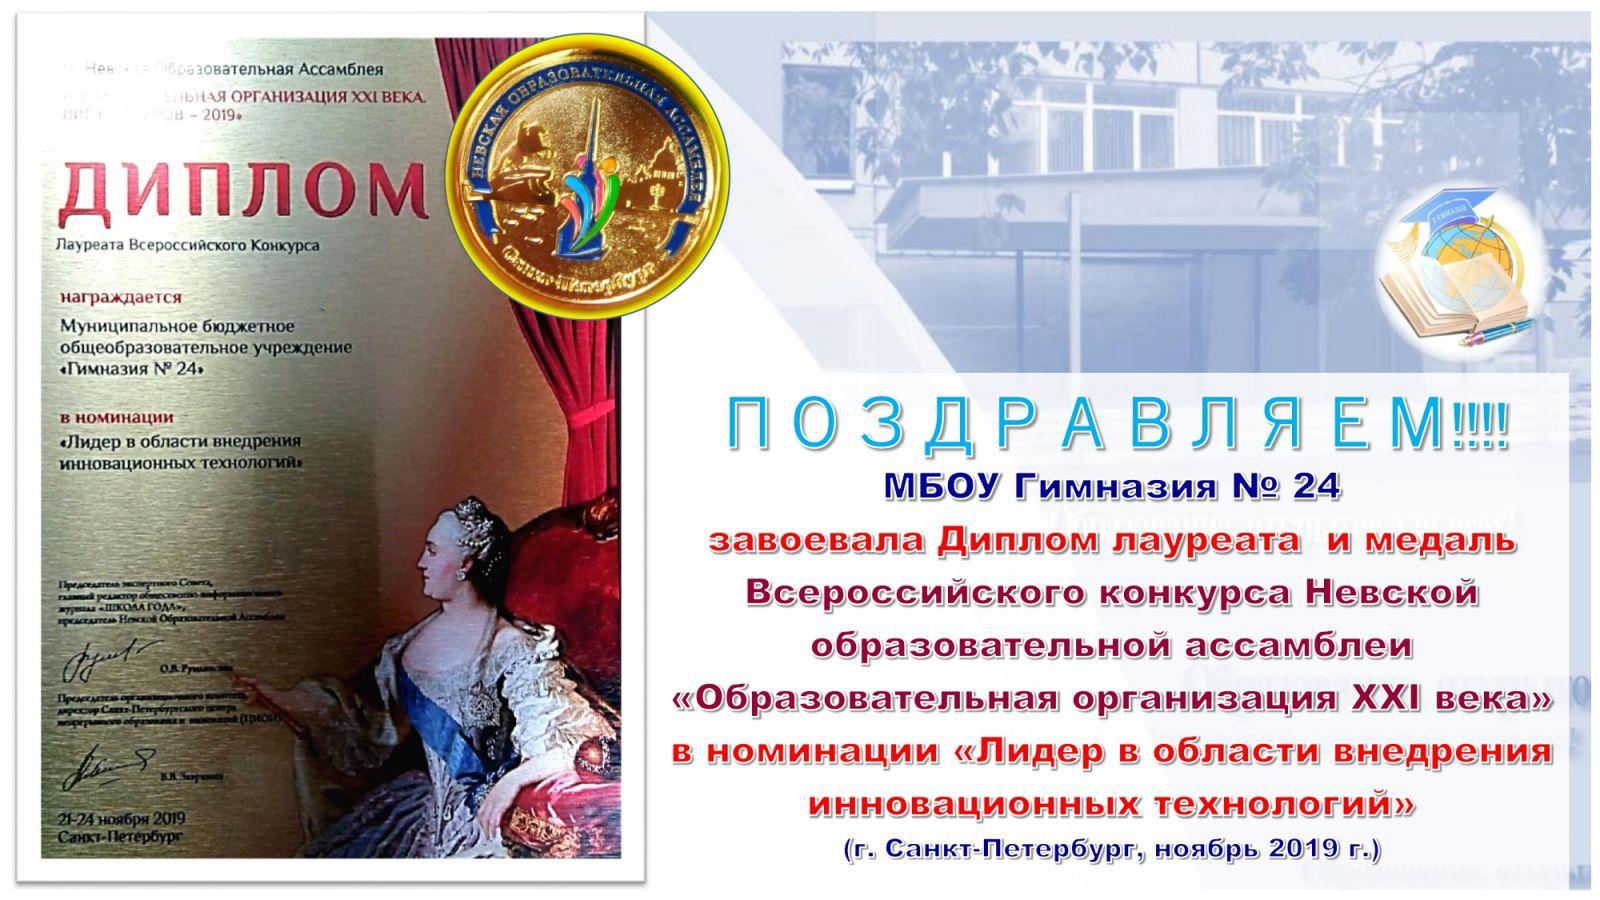 Гимназия пробедитель Невской ассамблеи page 0001